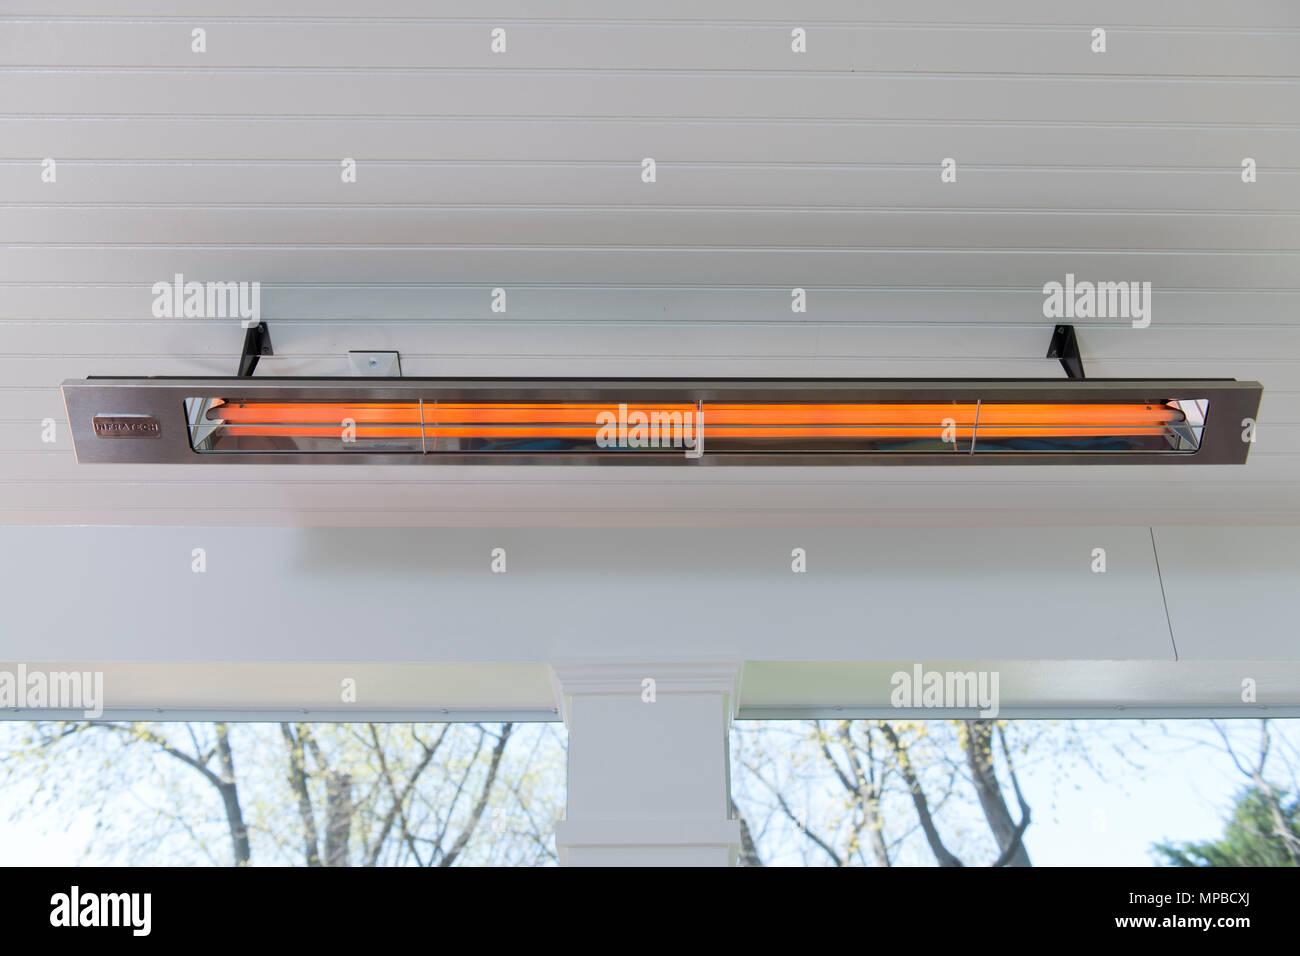 Un elettrico riscaldatore a raggi infrarossi su una veranda riparata fornisce il calore radiante nelle giornate fredde Immagini Stock